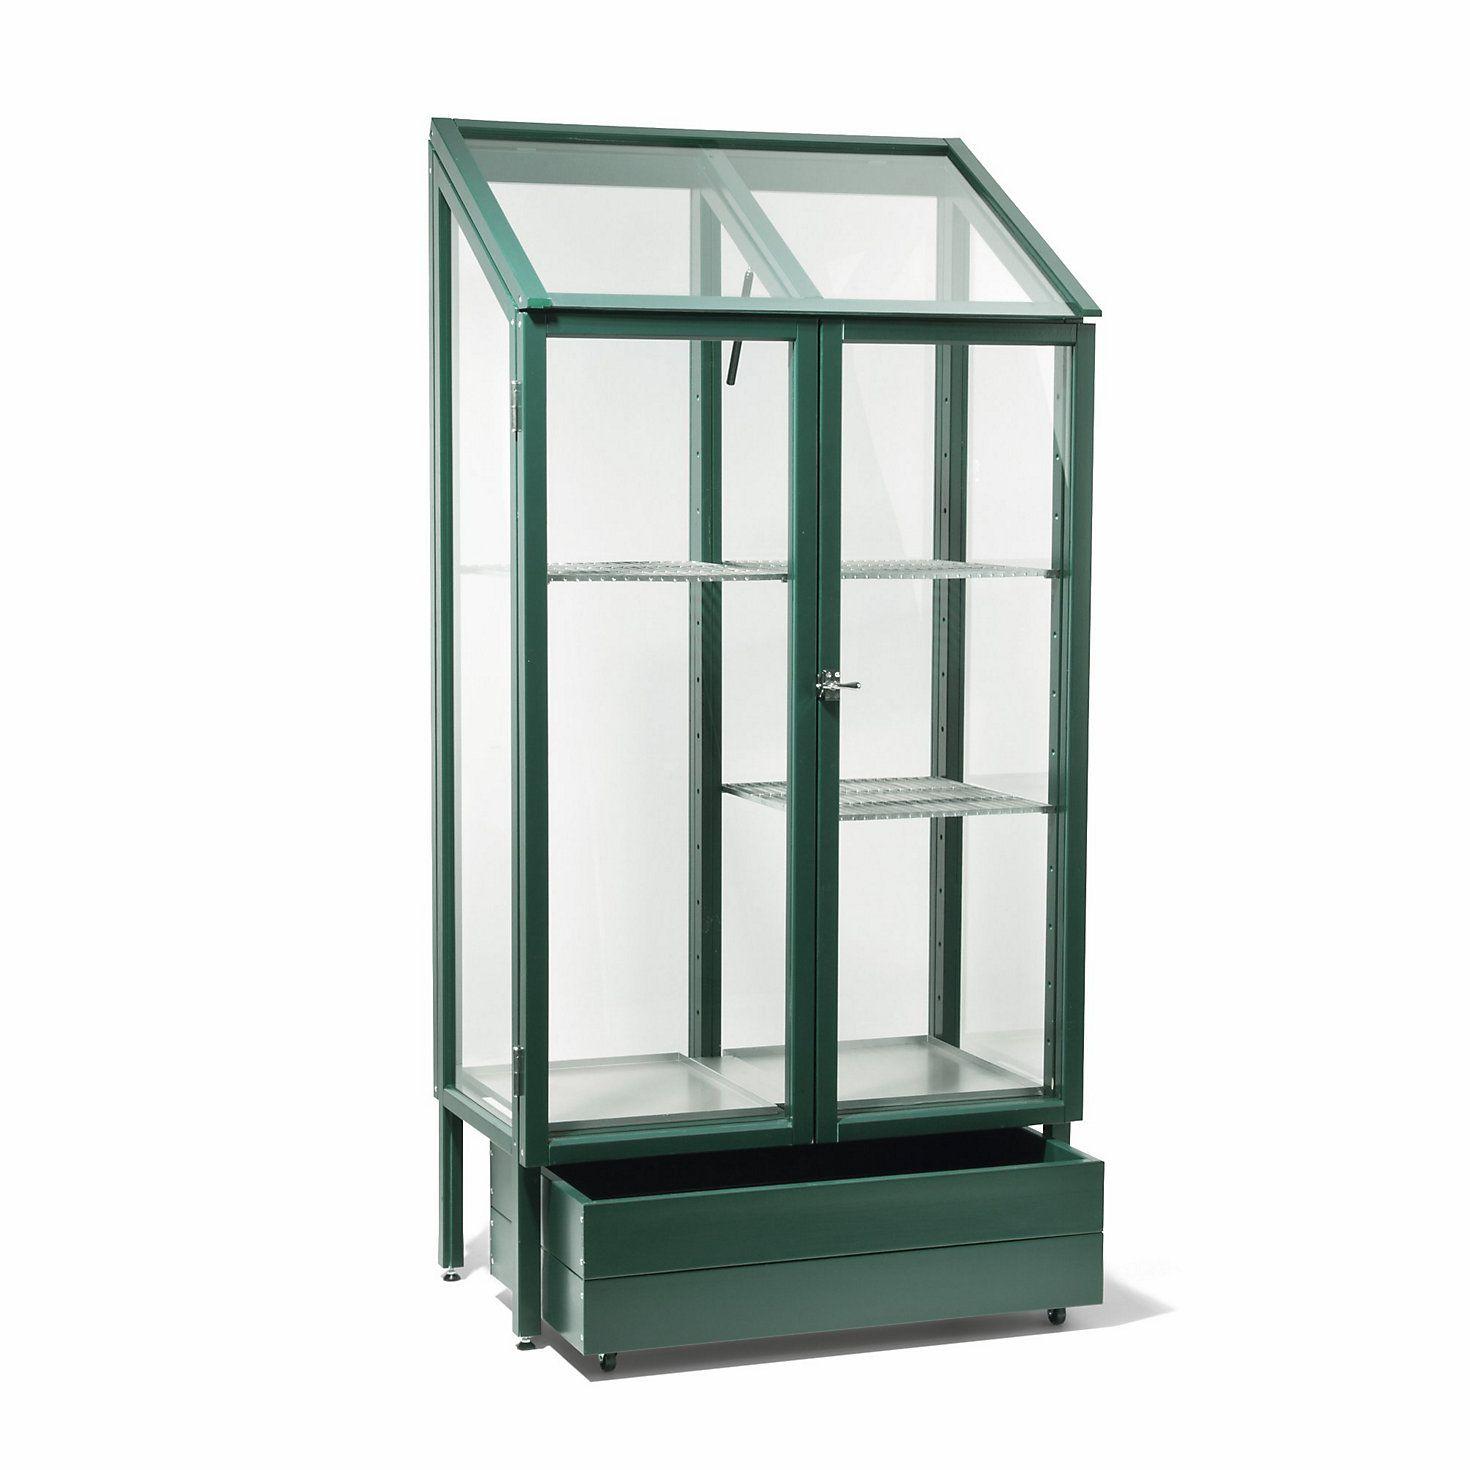 Balkongewächshaus Glas und Kiefernholz